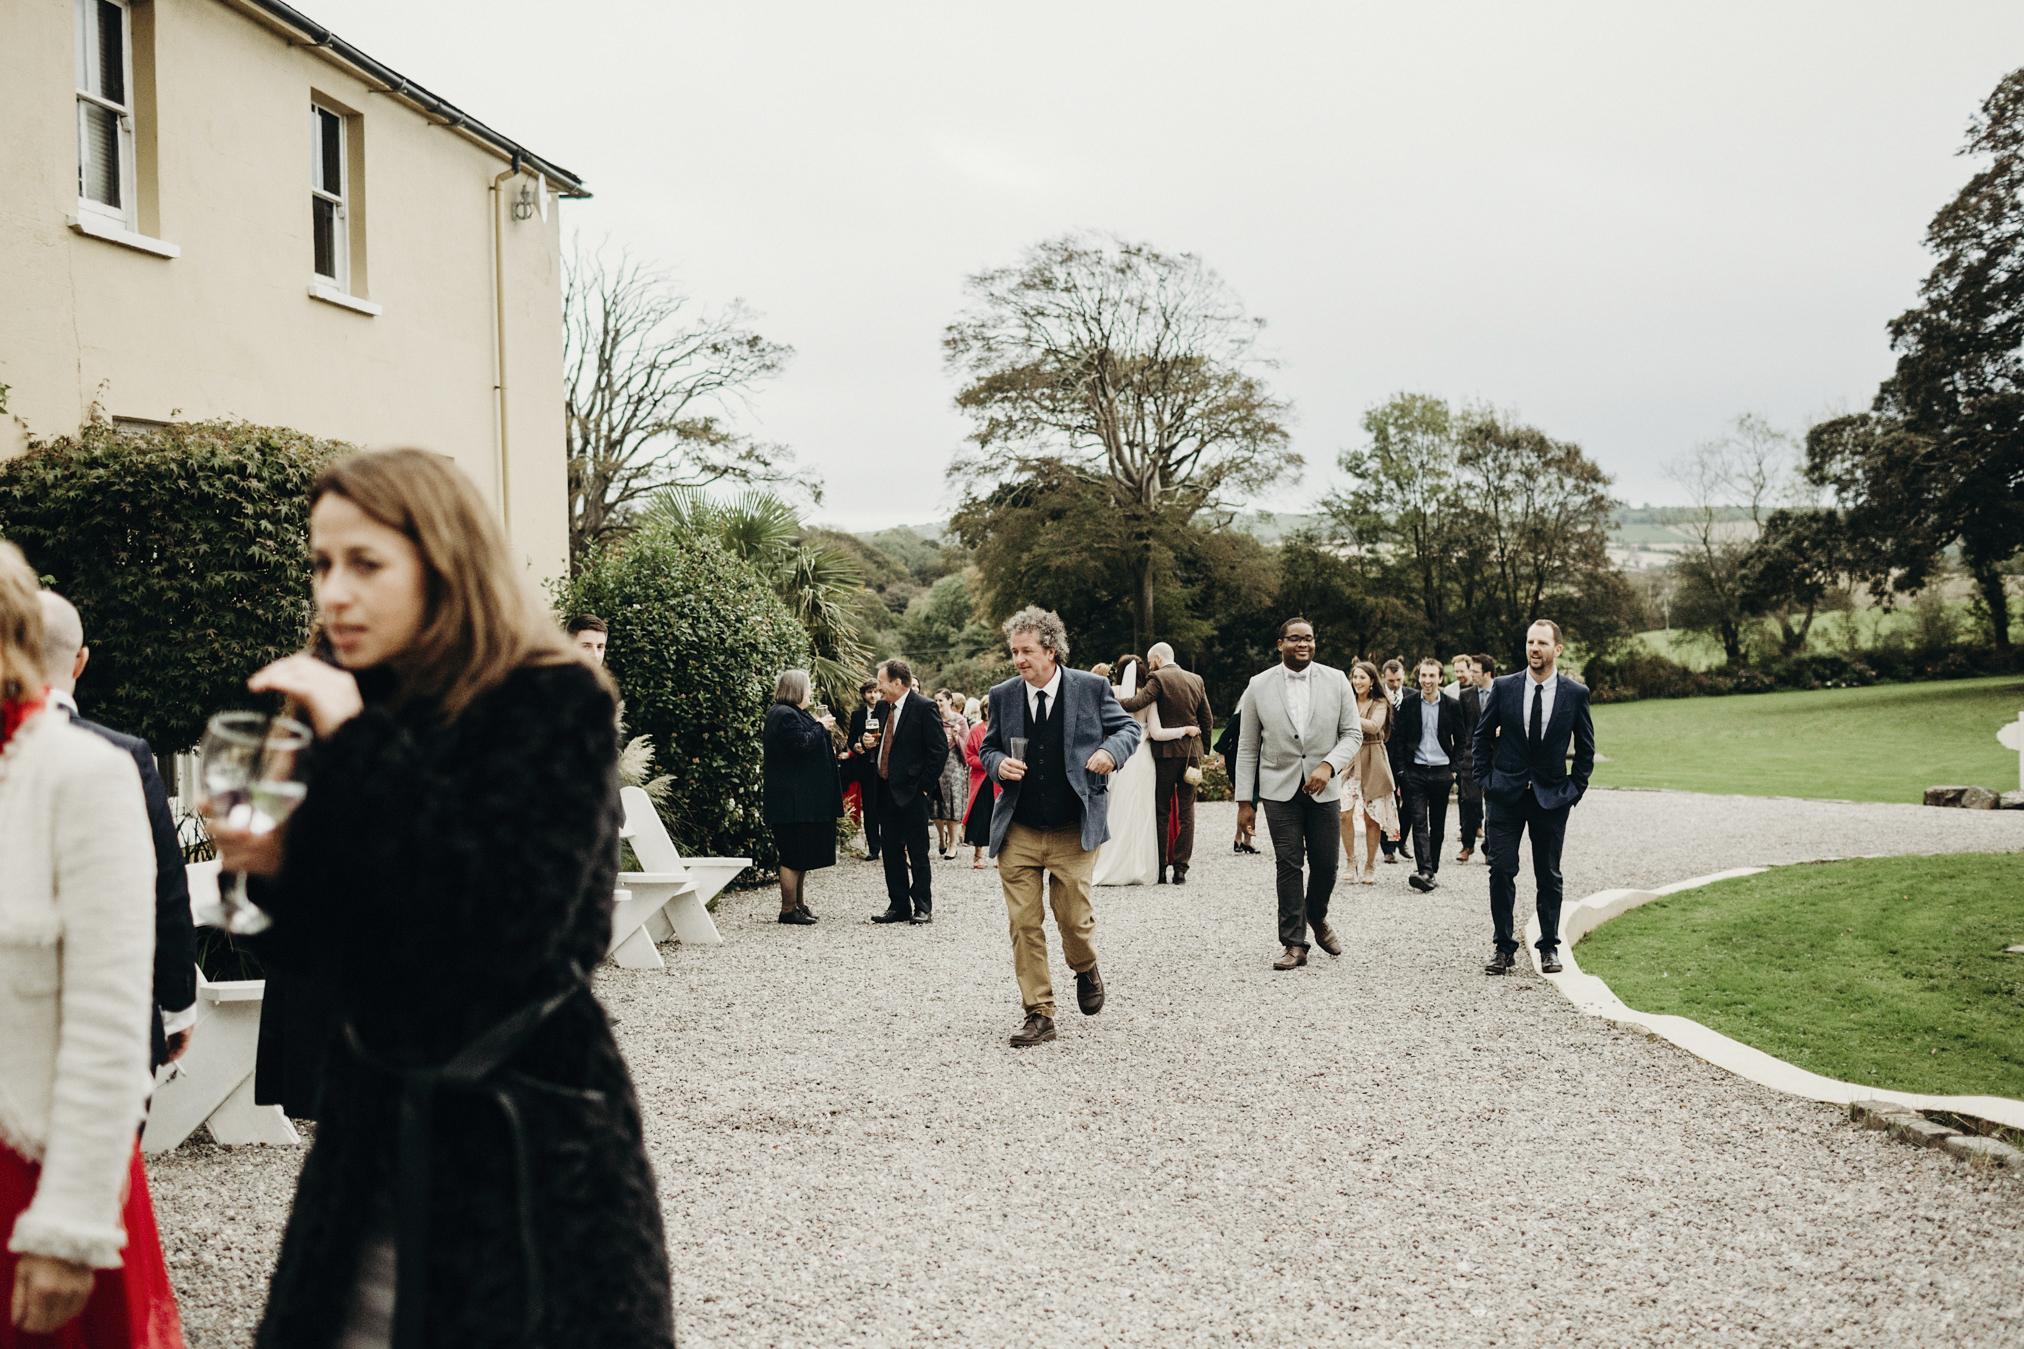 wedding photographer irelandGraciela Vilagudin Photography647.jpg